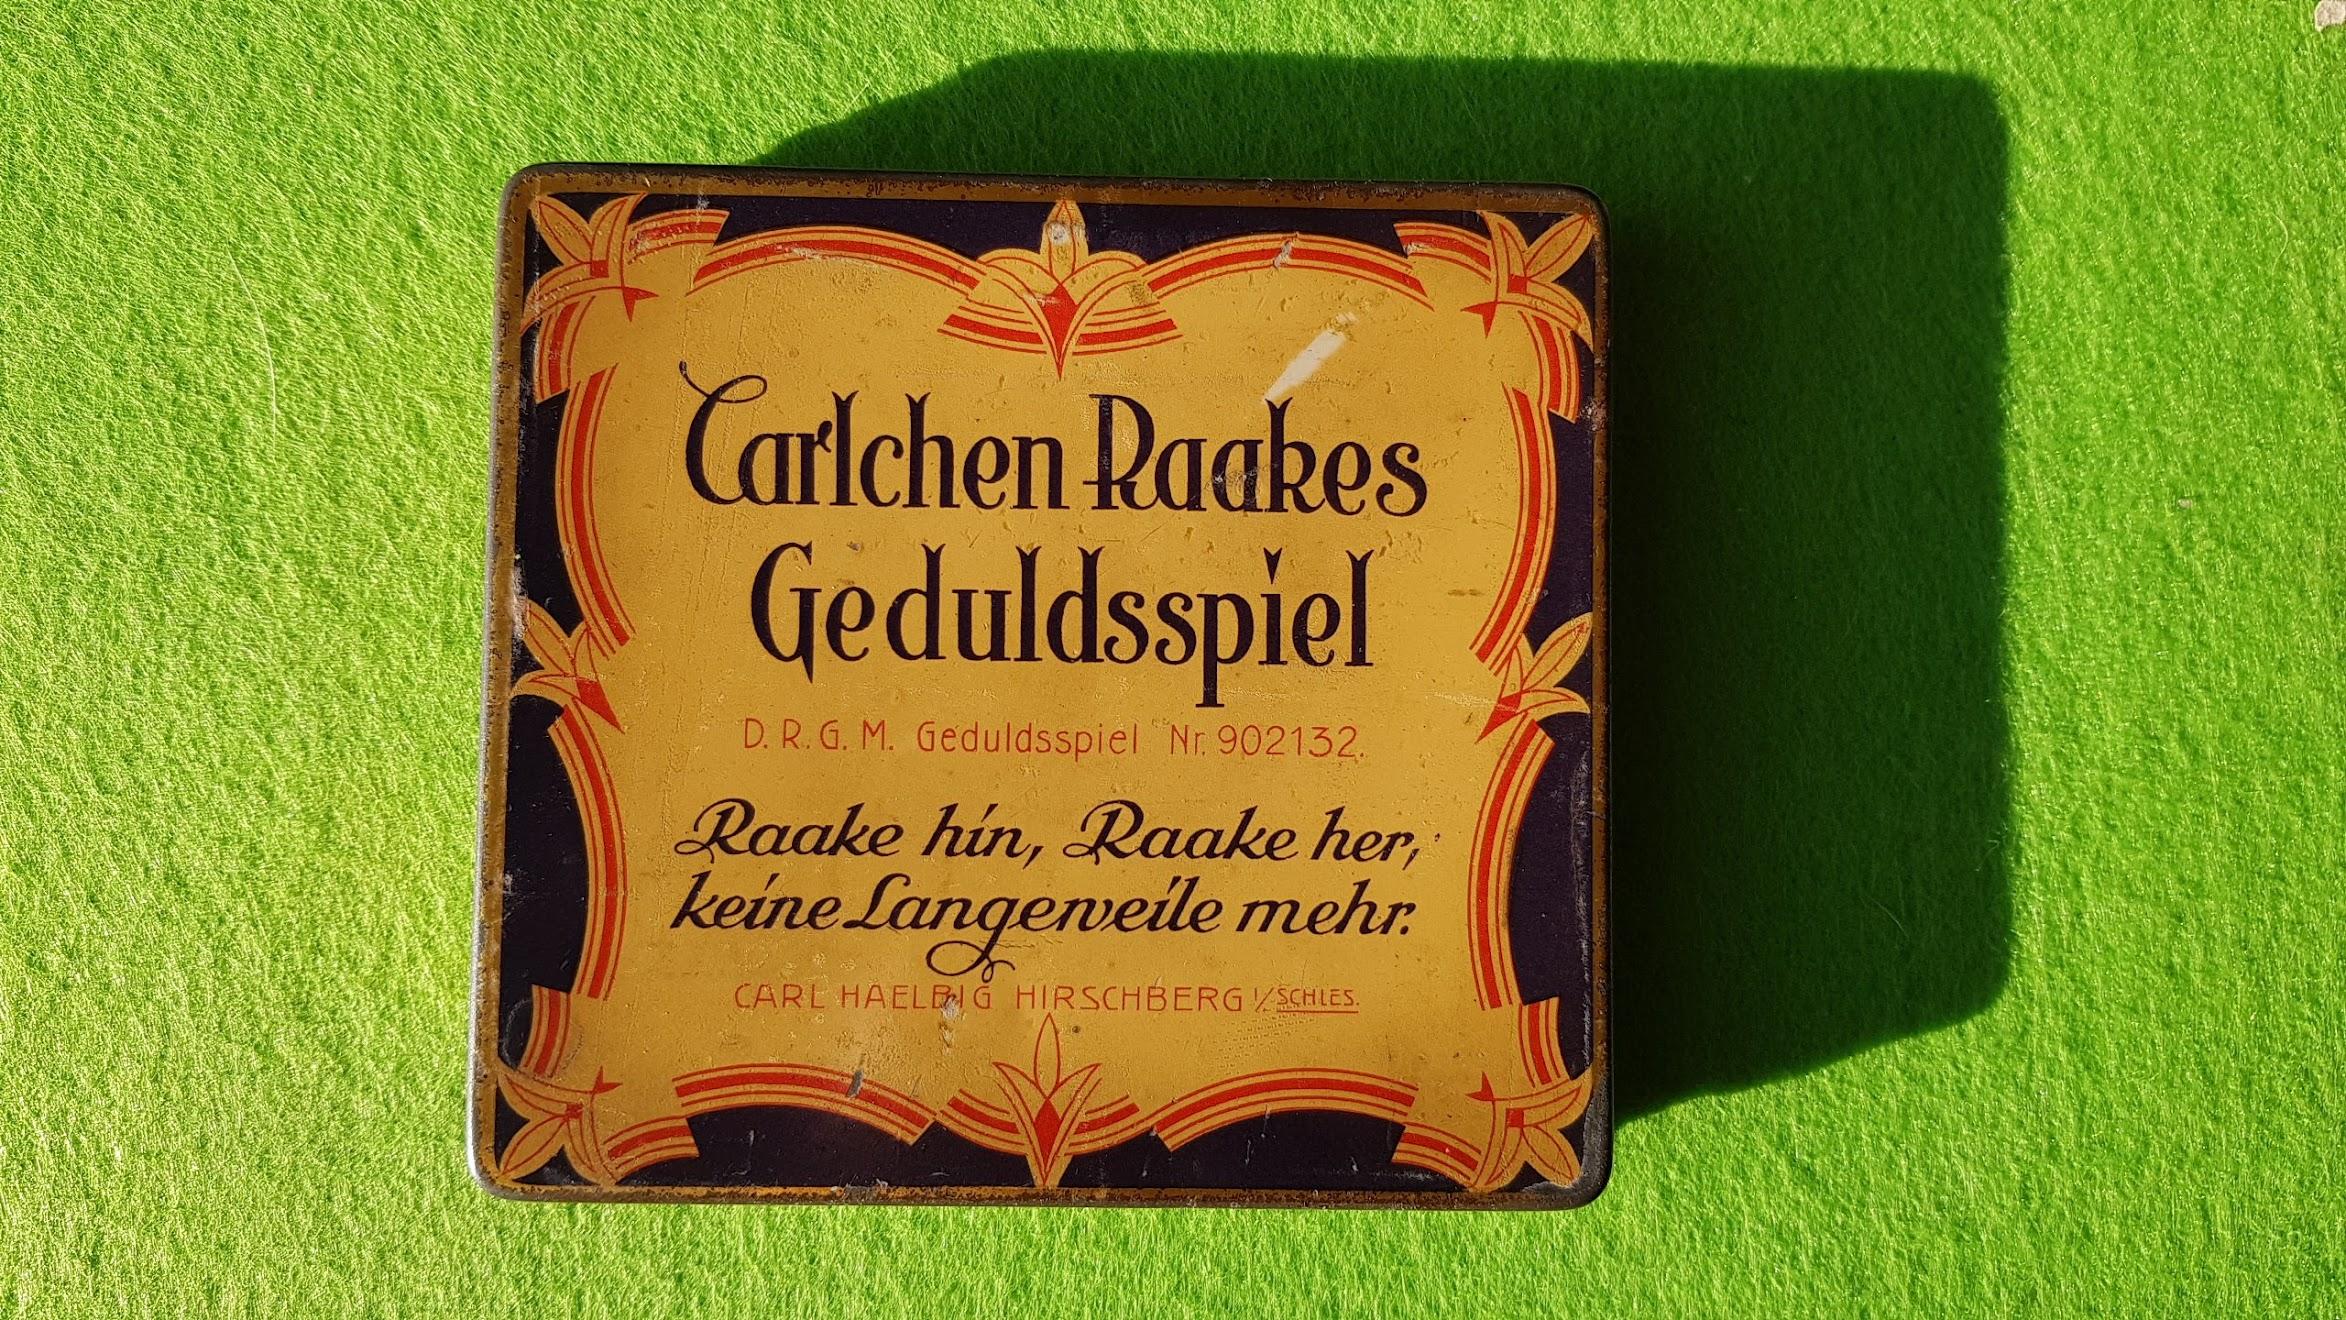 Carlchen Raakes Geduldsspiel für Denker und Schieber